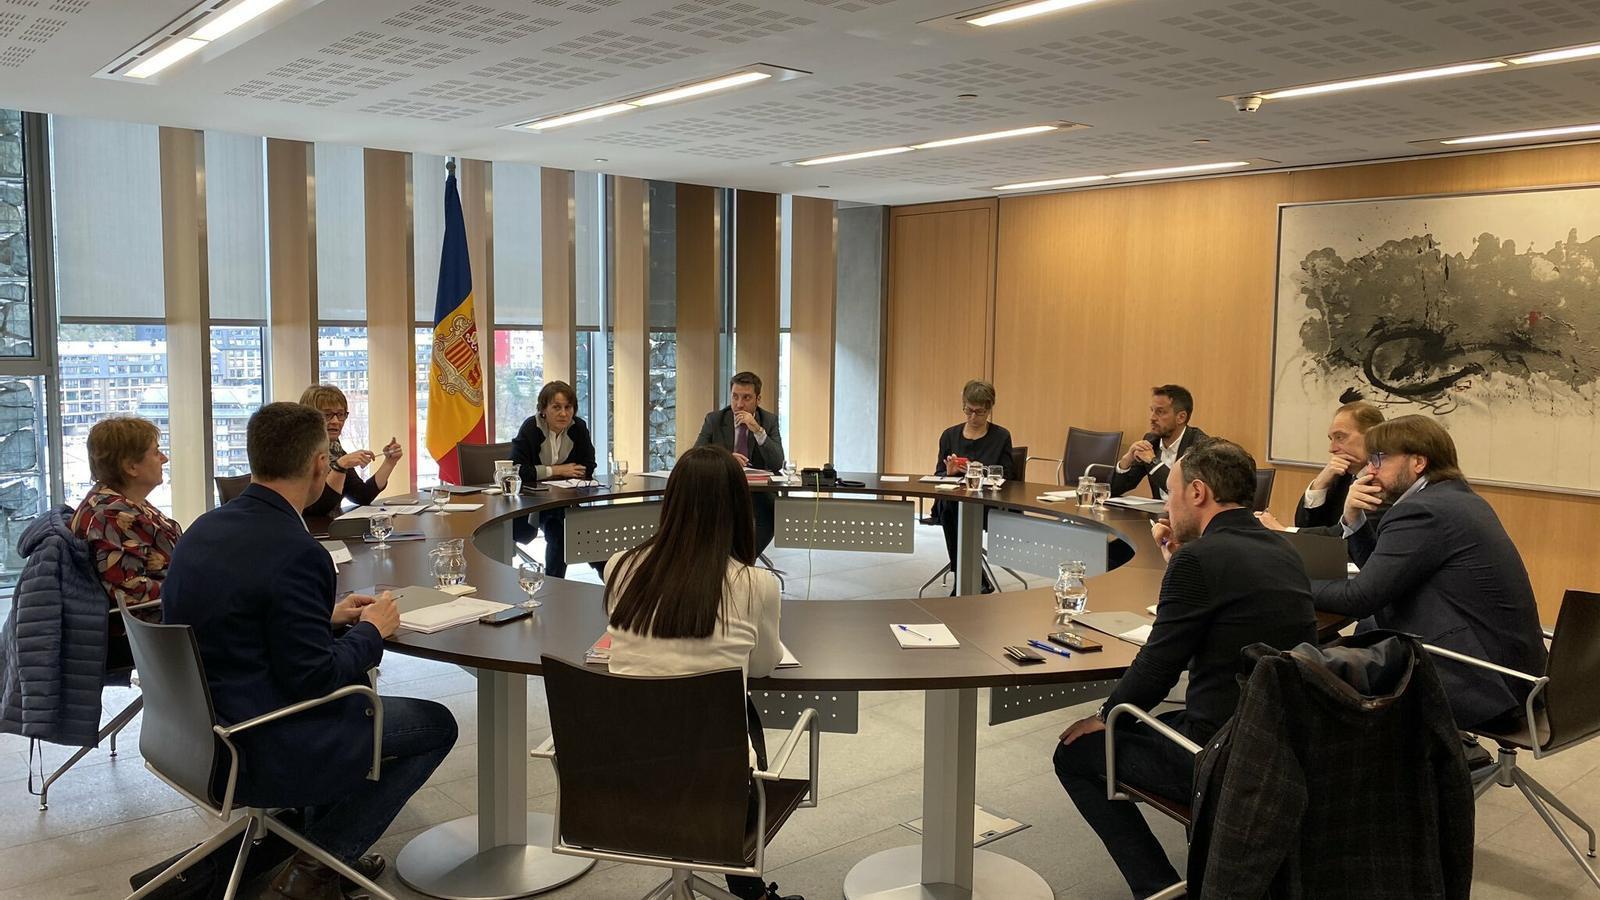 Una reunió entre el Govern, la sindicatura i els grups parlamentaris. / TWITTER XAVIER ESPOT